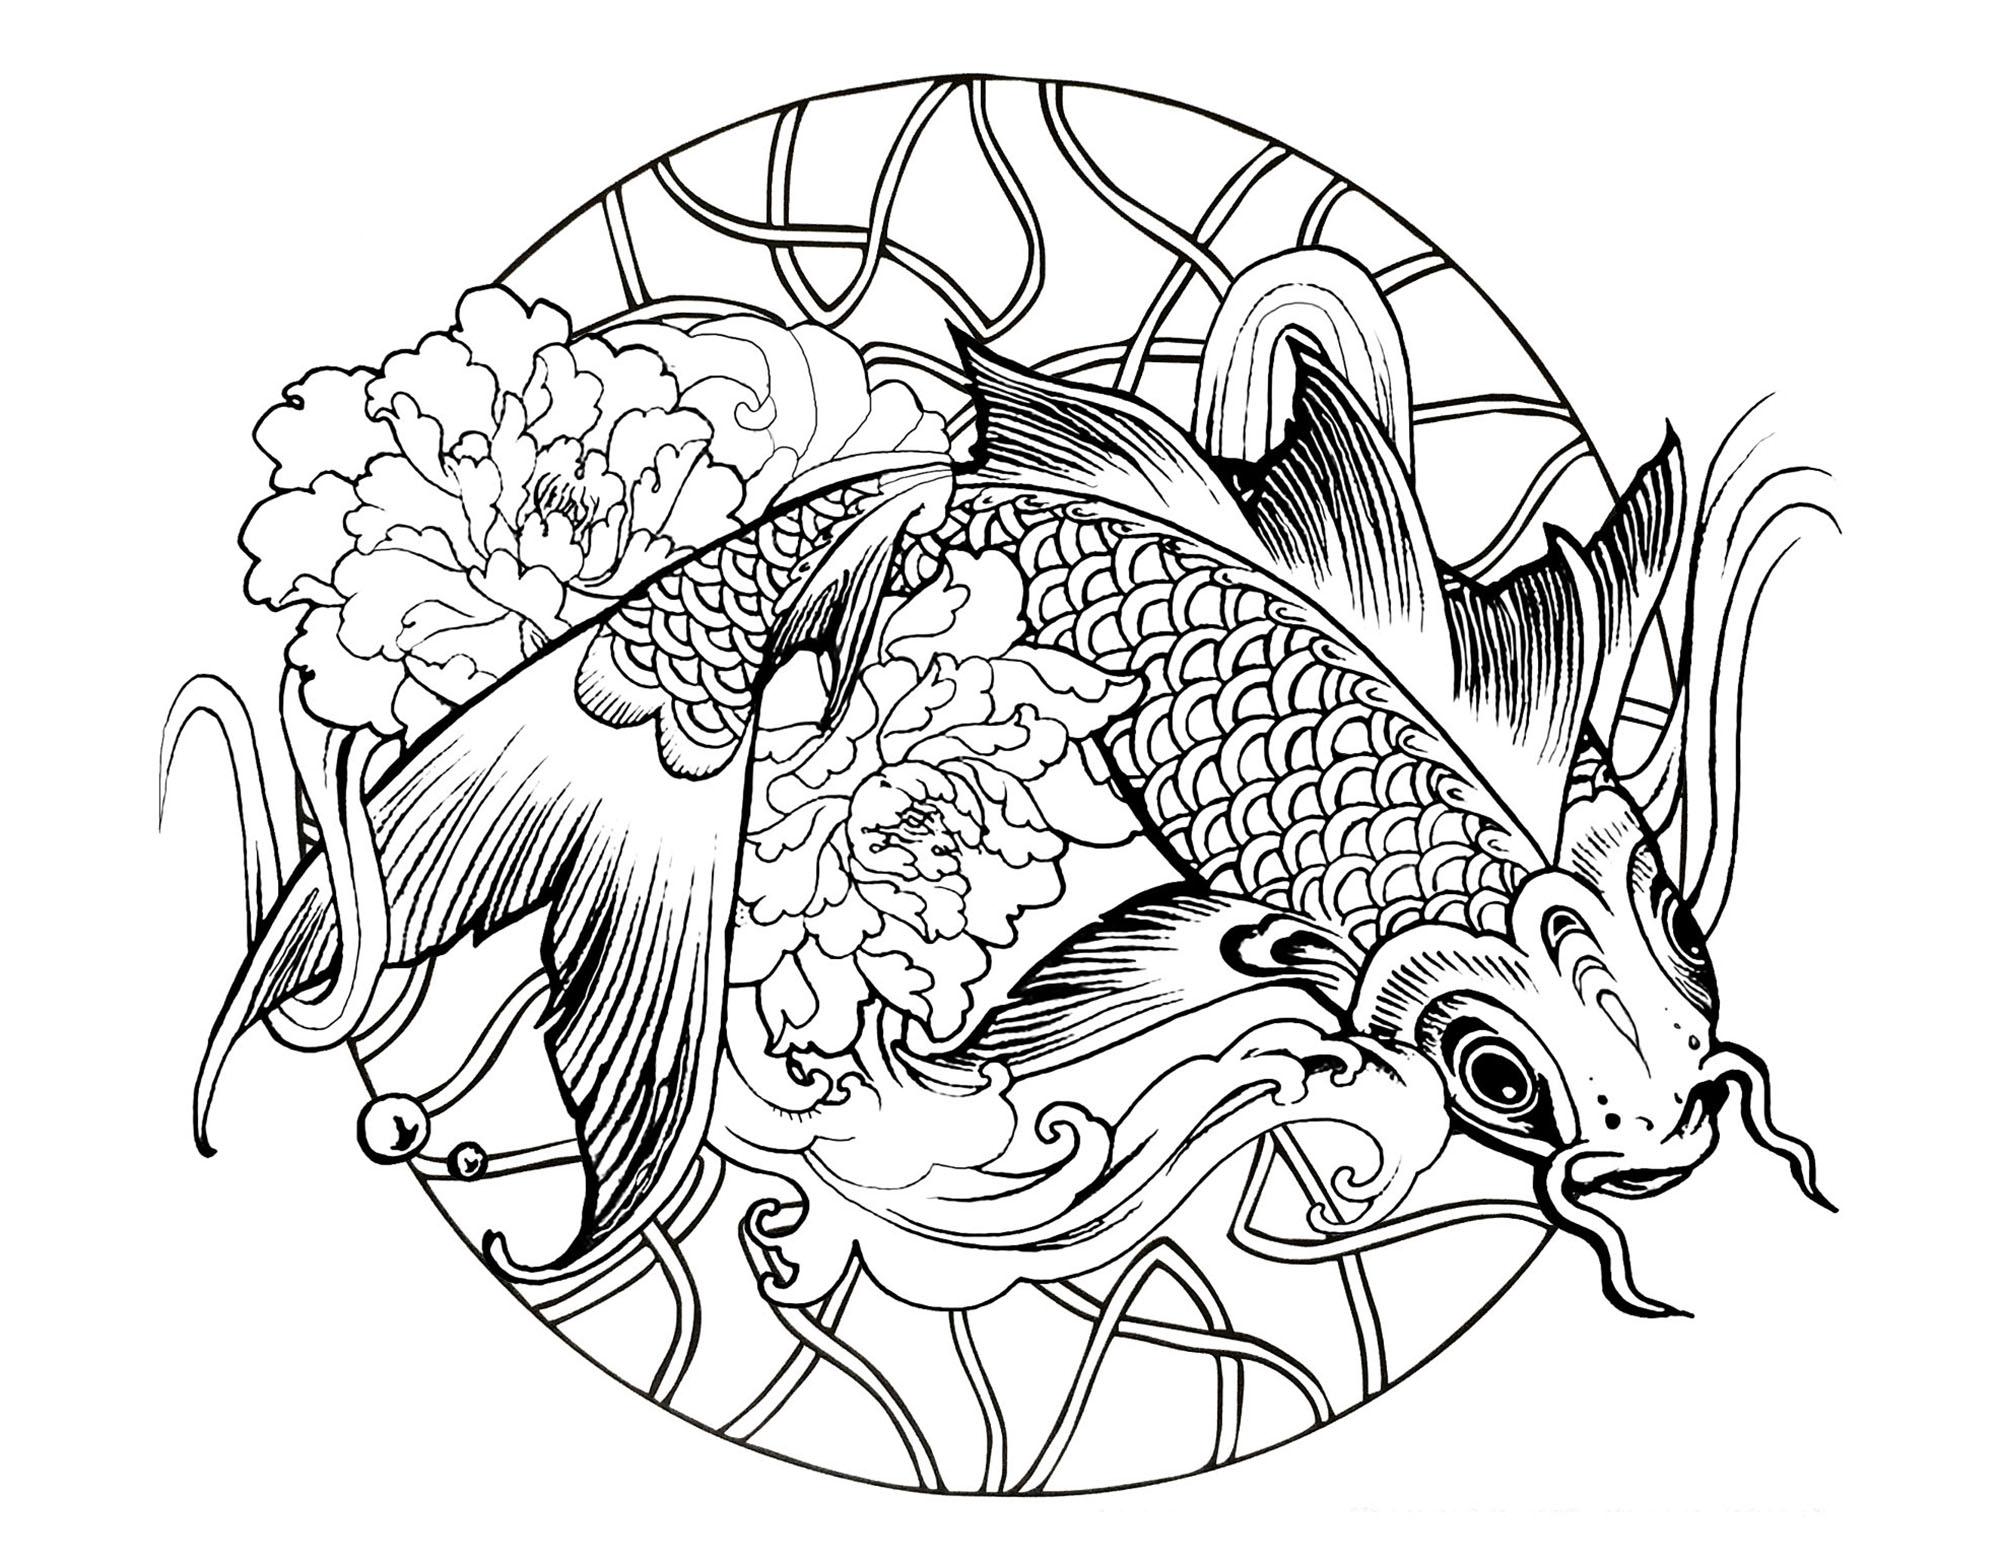 Poisson carpe poissons coloriages difficiles pour adultes - Image de poisson a imprimer ...